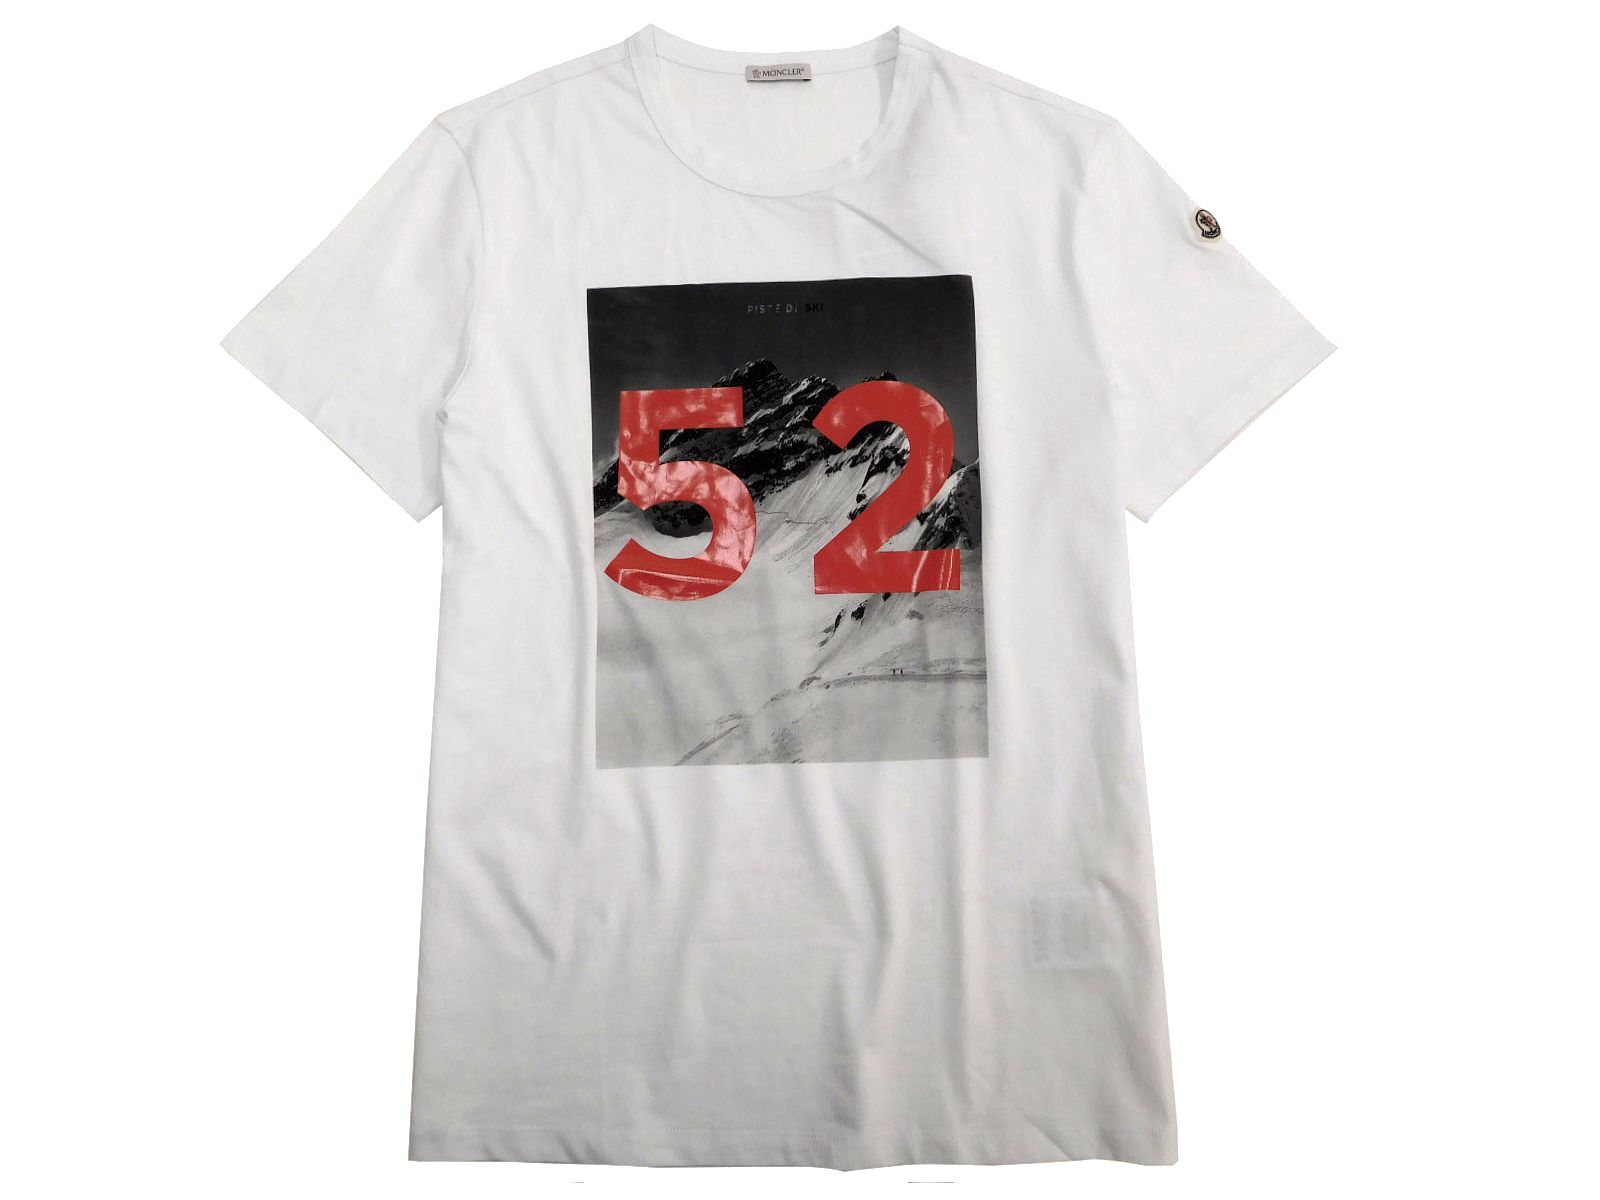 MONCLER モンクレール MAGLIA T-SHIRT クルーネックカットソー PISTE DE SKI ナンバリング プリント 半袖 Tシャツ カットソー ホワイト L ▲150▼90817x04